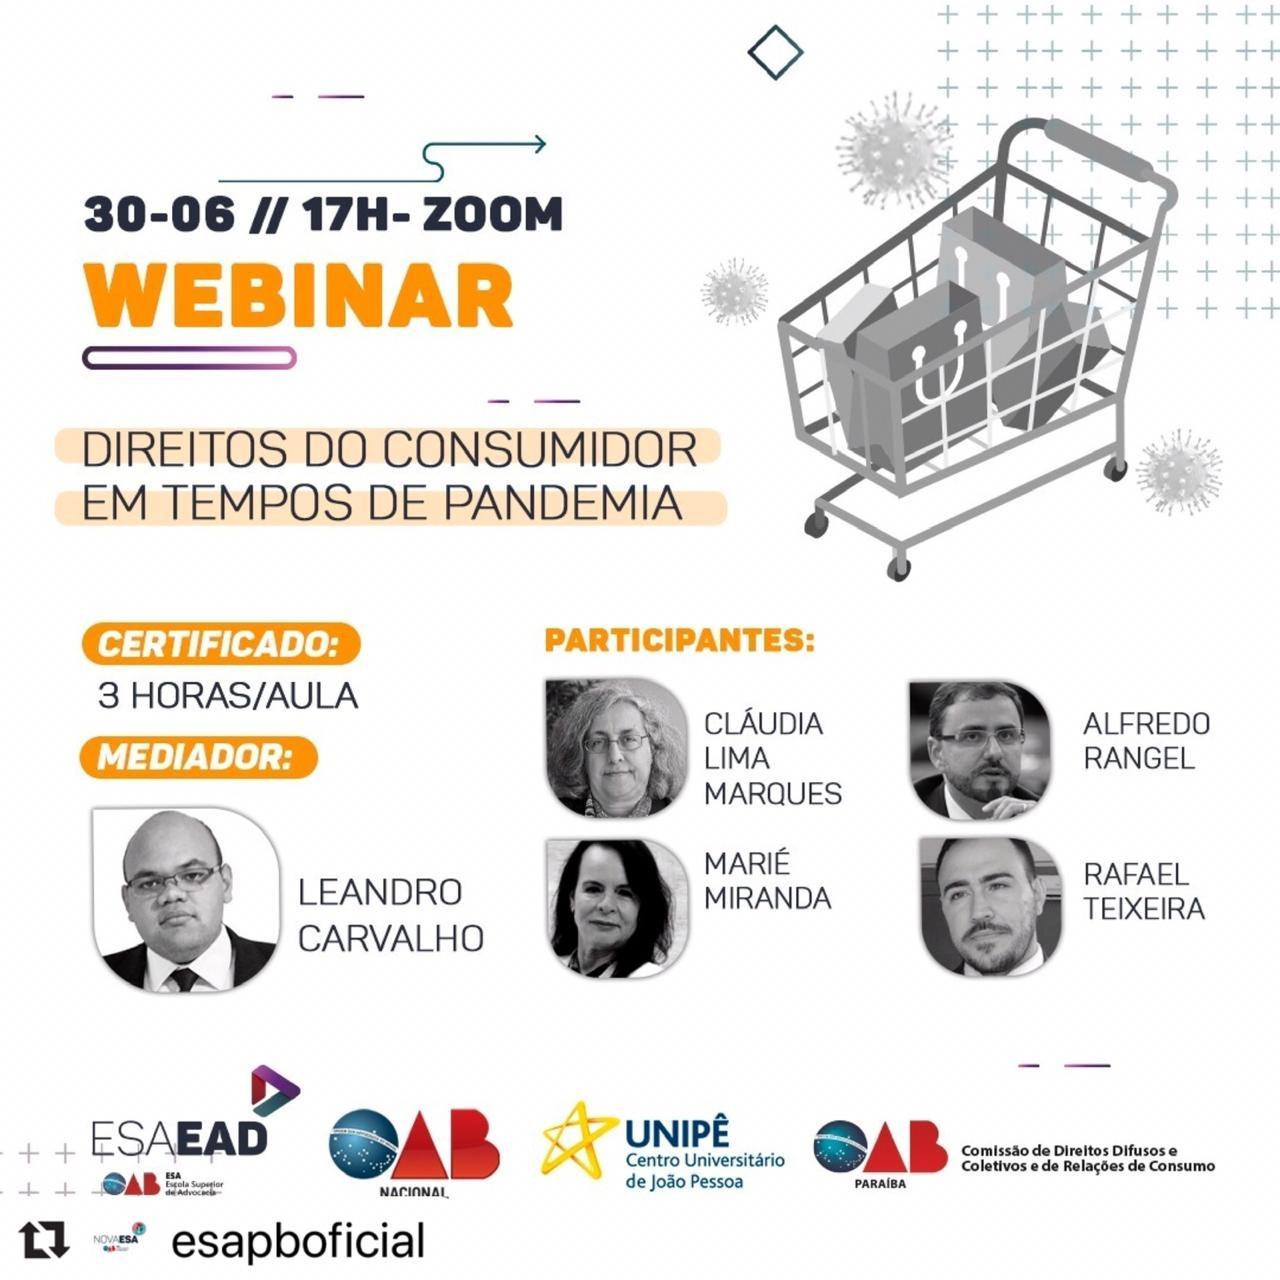 """Nova ESA e OAB nacional realizam Webinar sobre """"Direitos do Consumidor em tempos de pandemia nesta terça"""